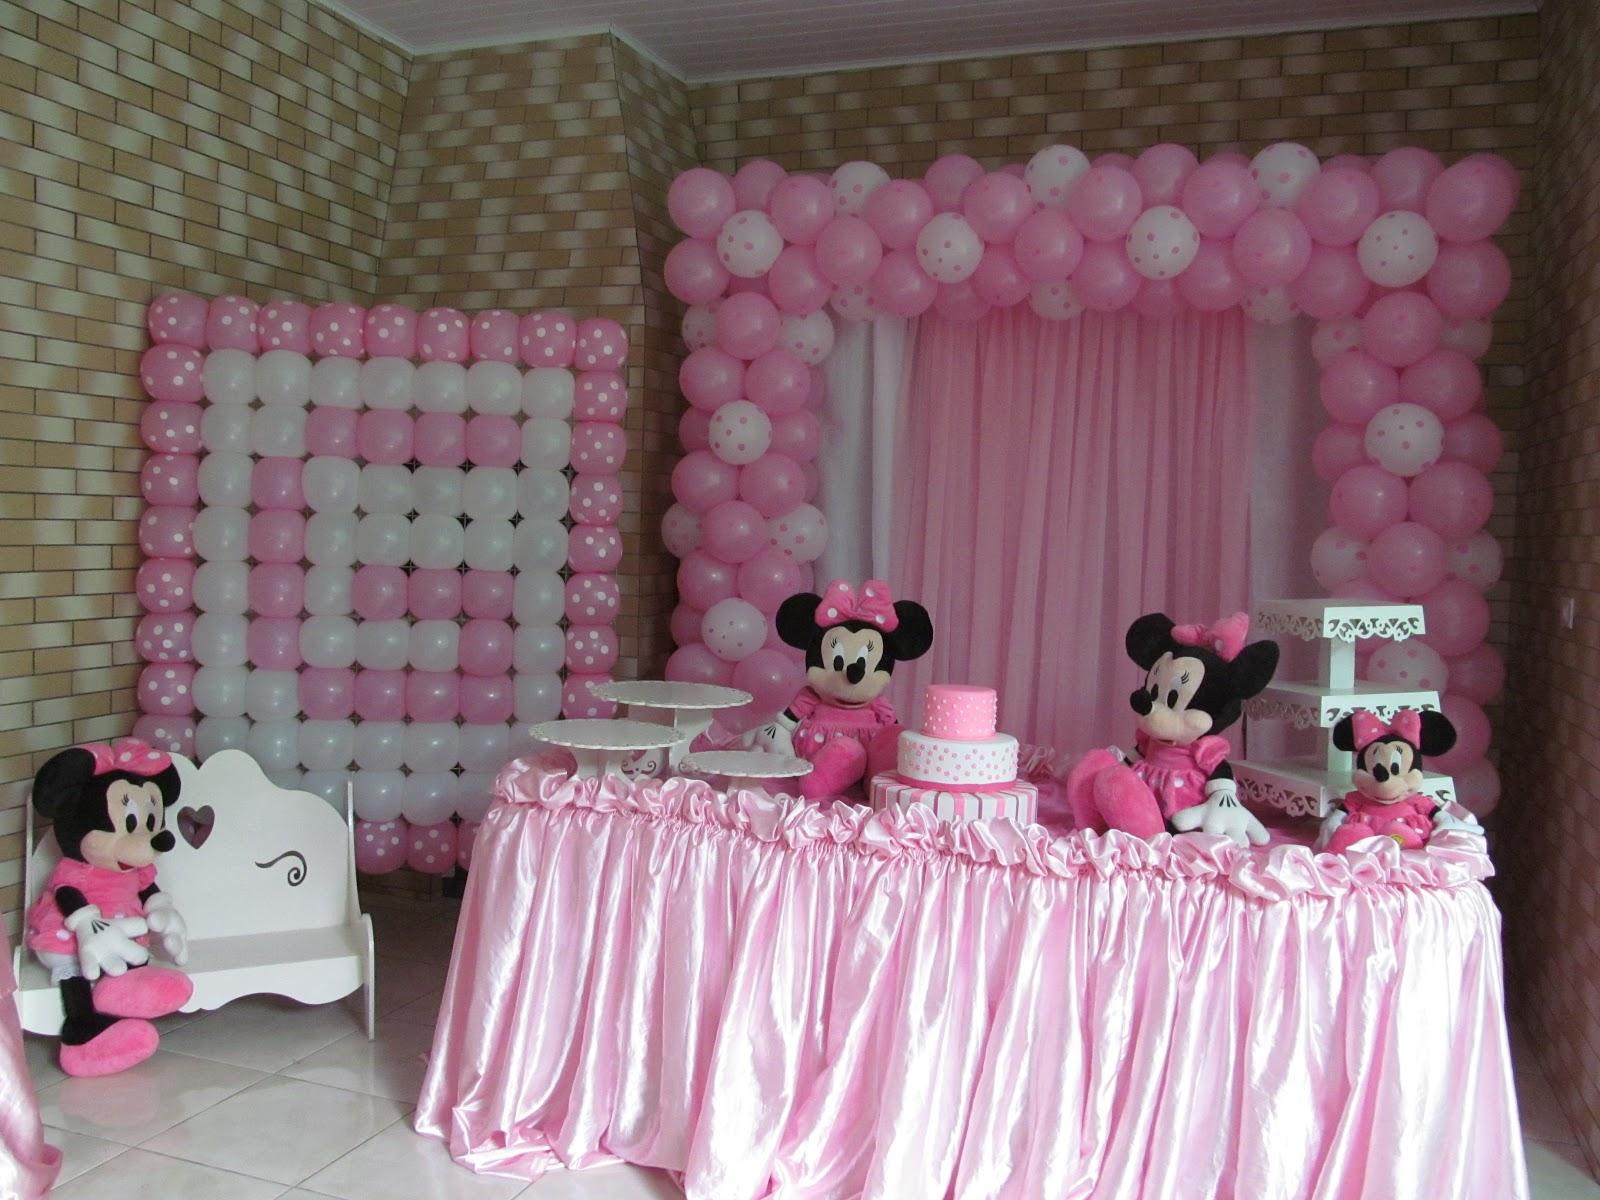 decoracao festa minnie rosa : decoracao festa minnie rosa:Criando Sonhos: Decoração de Festa Infantil Minie Rosa